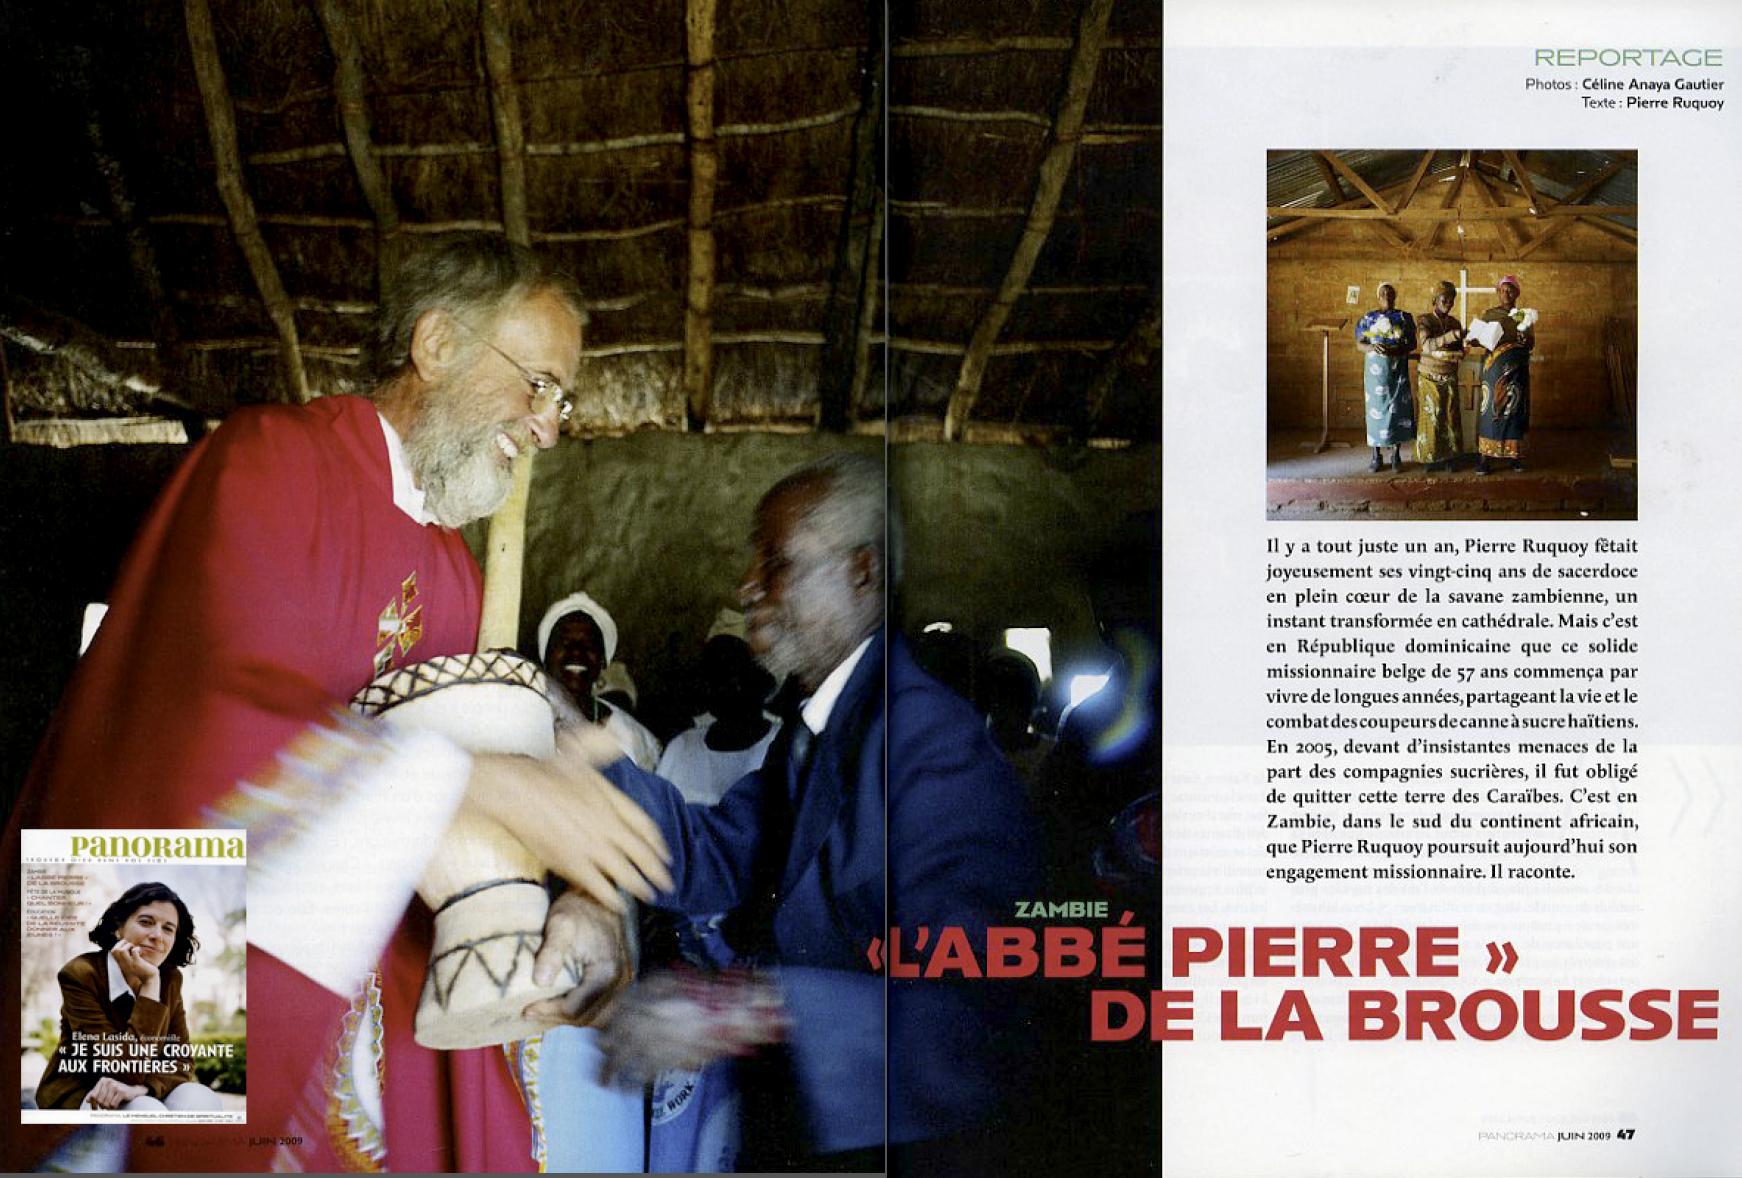 L'Abbé Pierre de la brouse